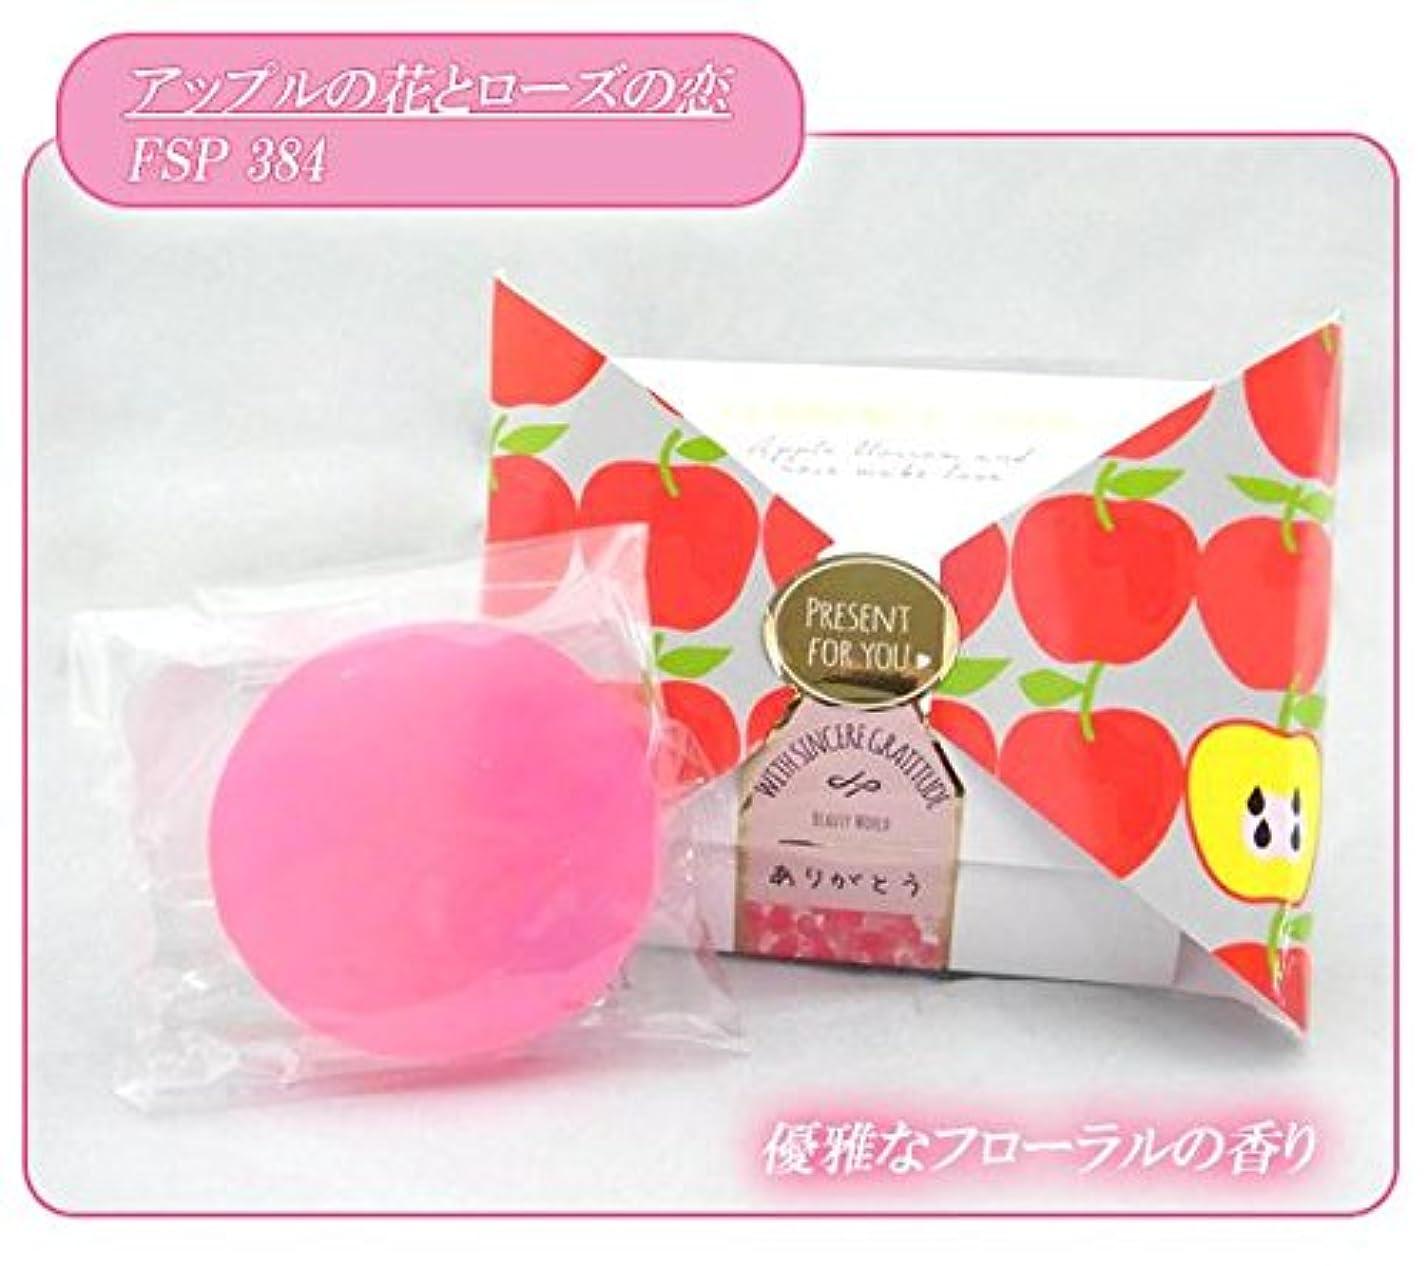 そこ不適当チロビューティーワールド BWフローレンスの香り石けん リボンパッケージ 6個セット アップルの花とローズの恋